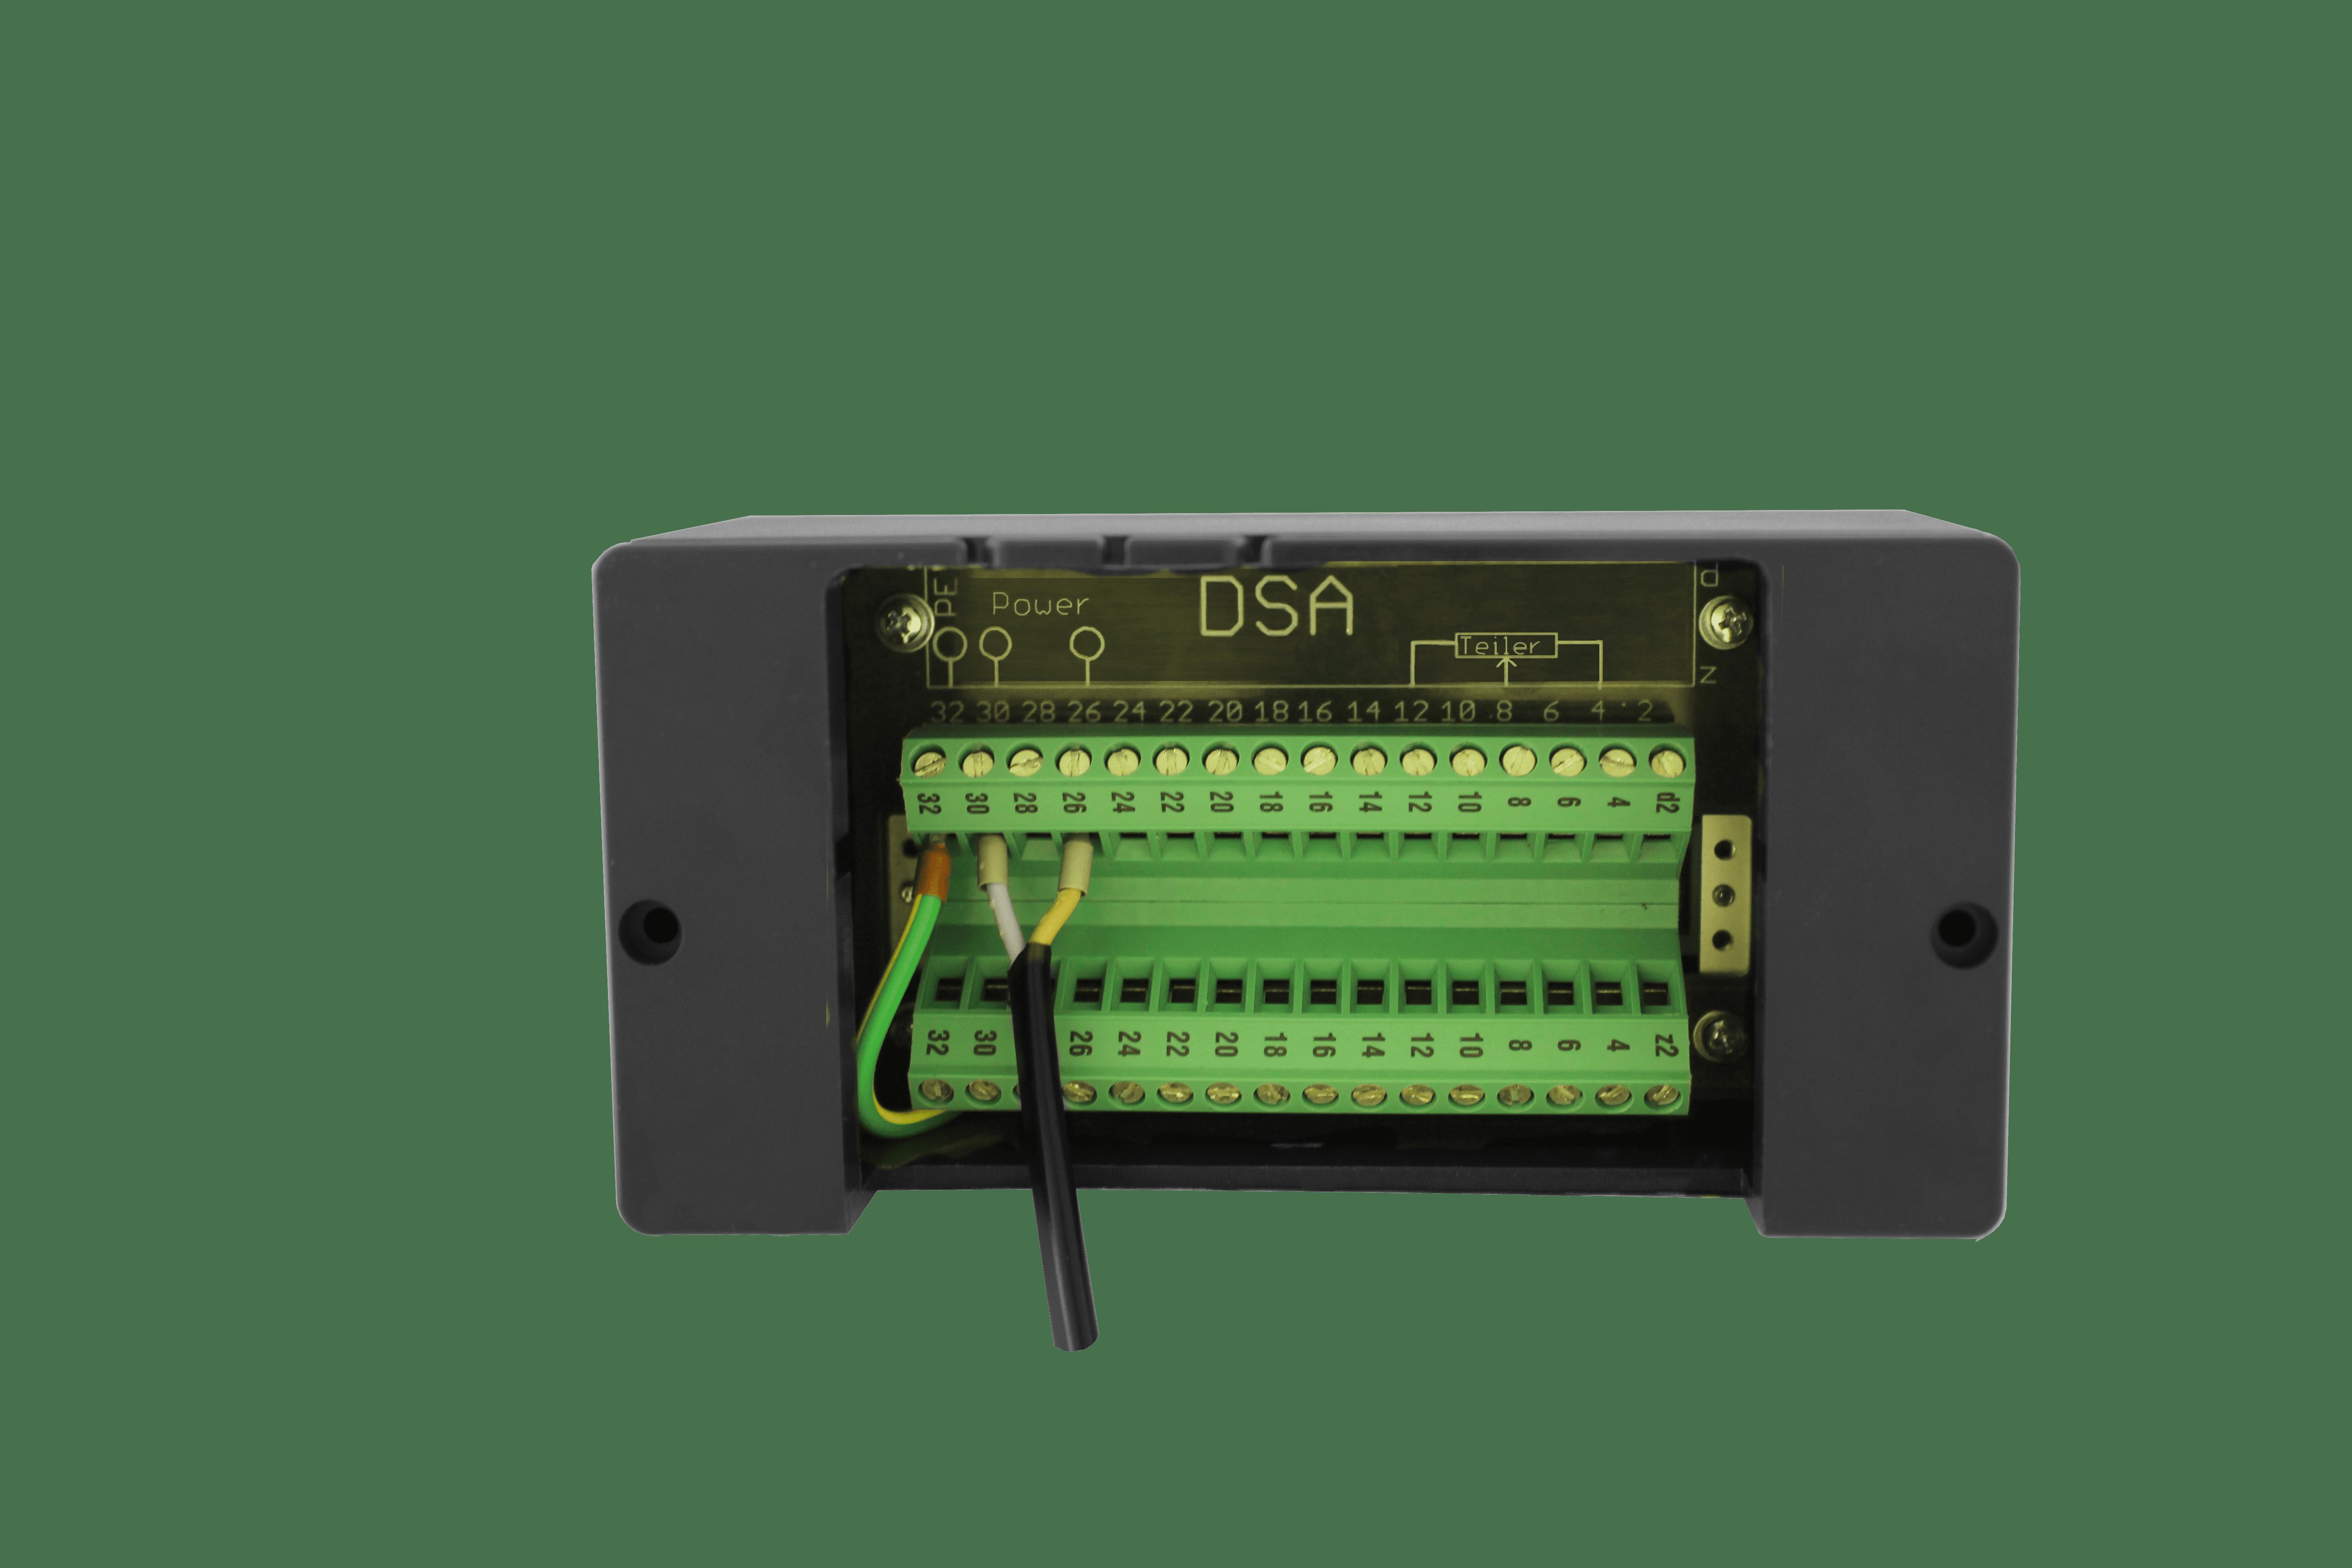 Anzeigegerät für Stufenschalterstellung (DSA) Rückansicht